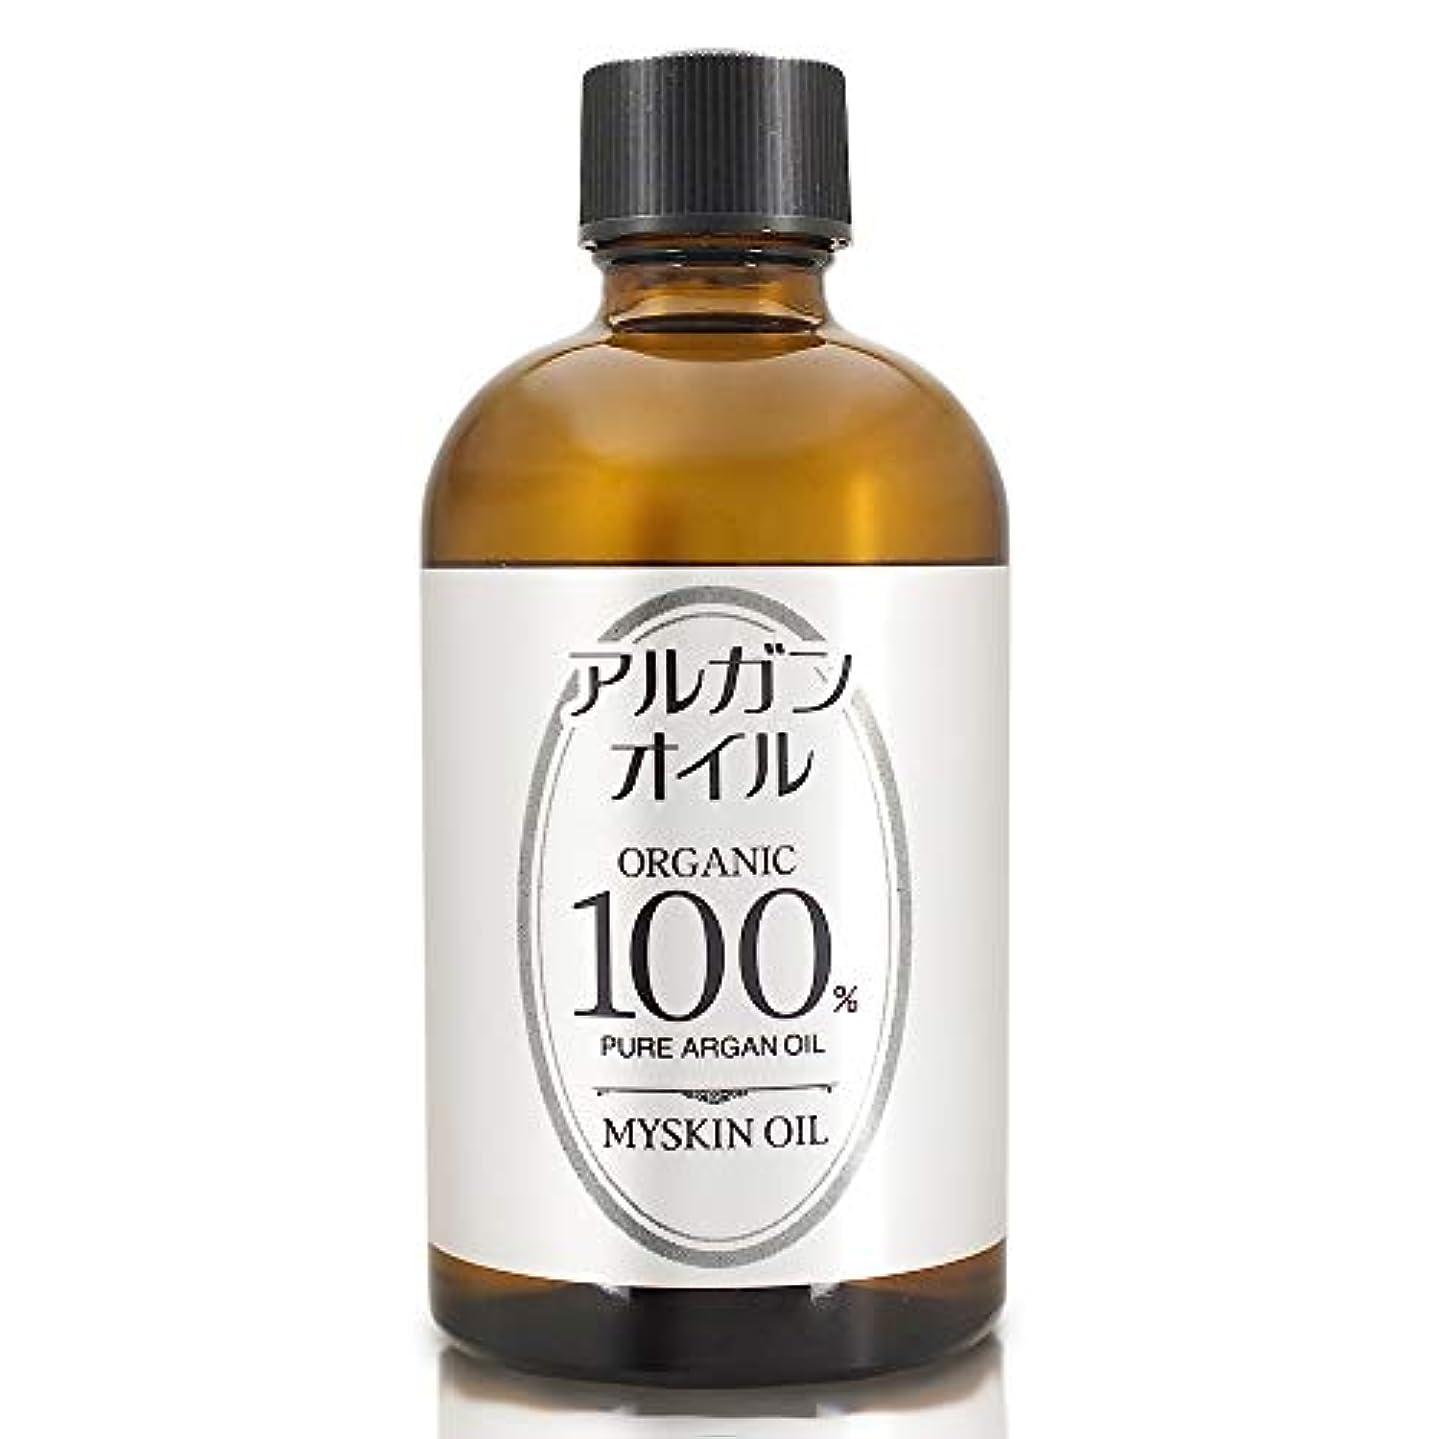 シェルスリンク皮肉アルガンオイル 120ml【無添加】